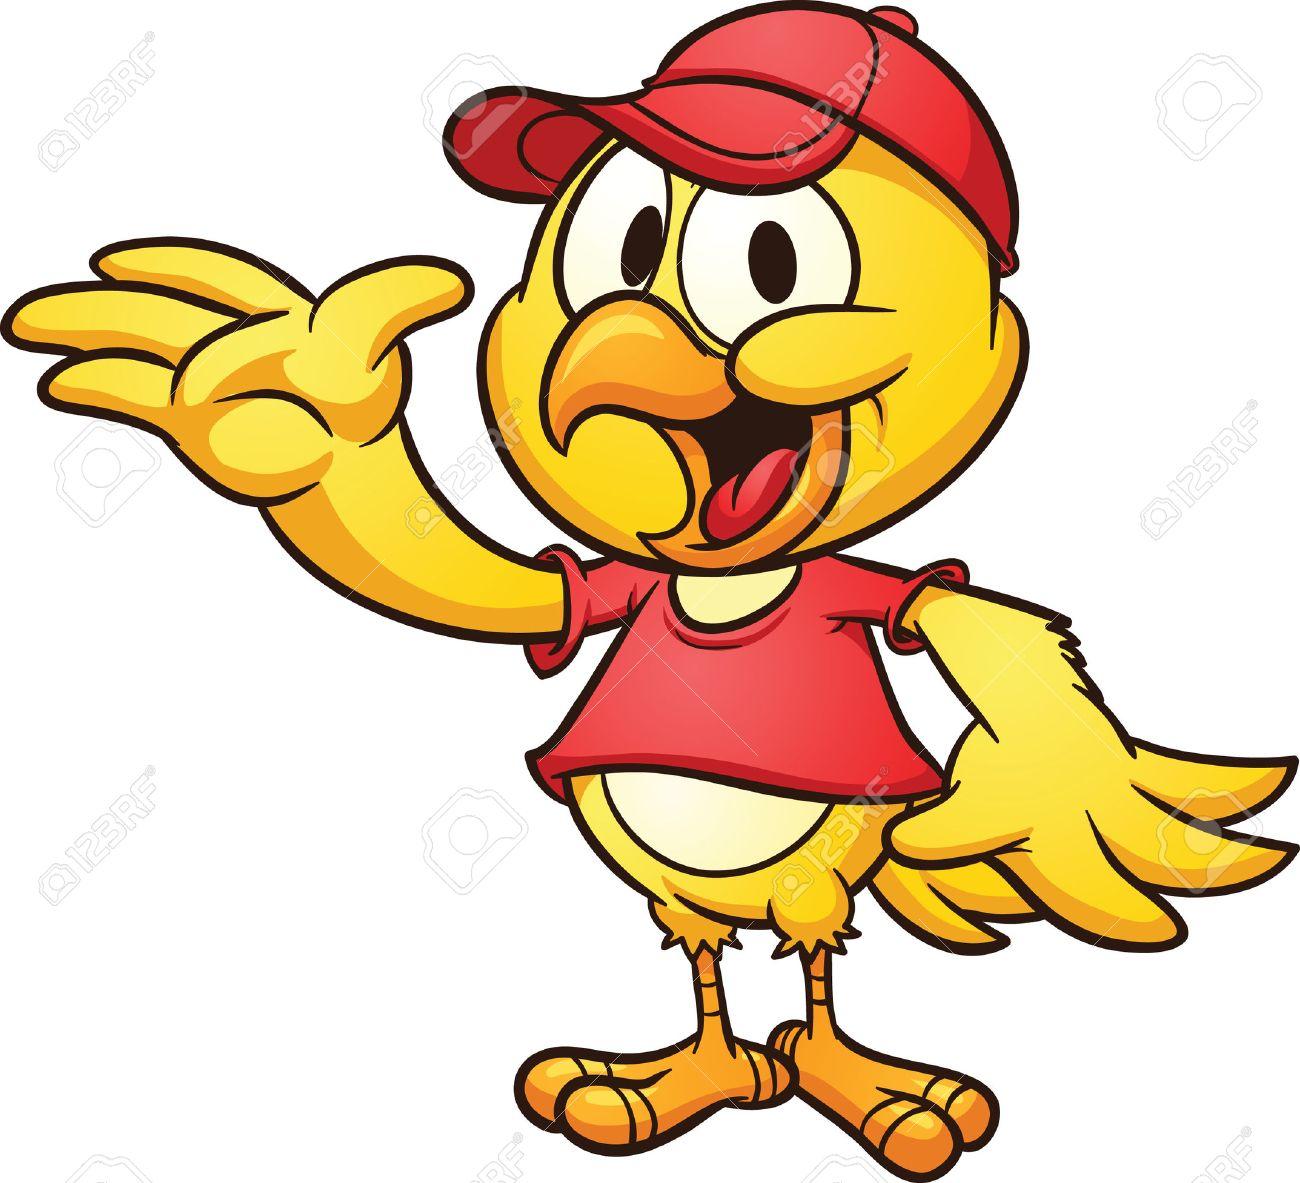 1300x1183 Clip Art Of A Cute Cartoon Chicken Wearing A Baseball Hat Vector